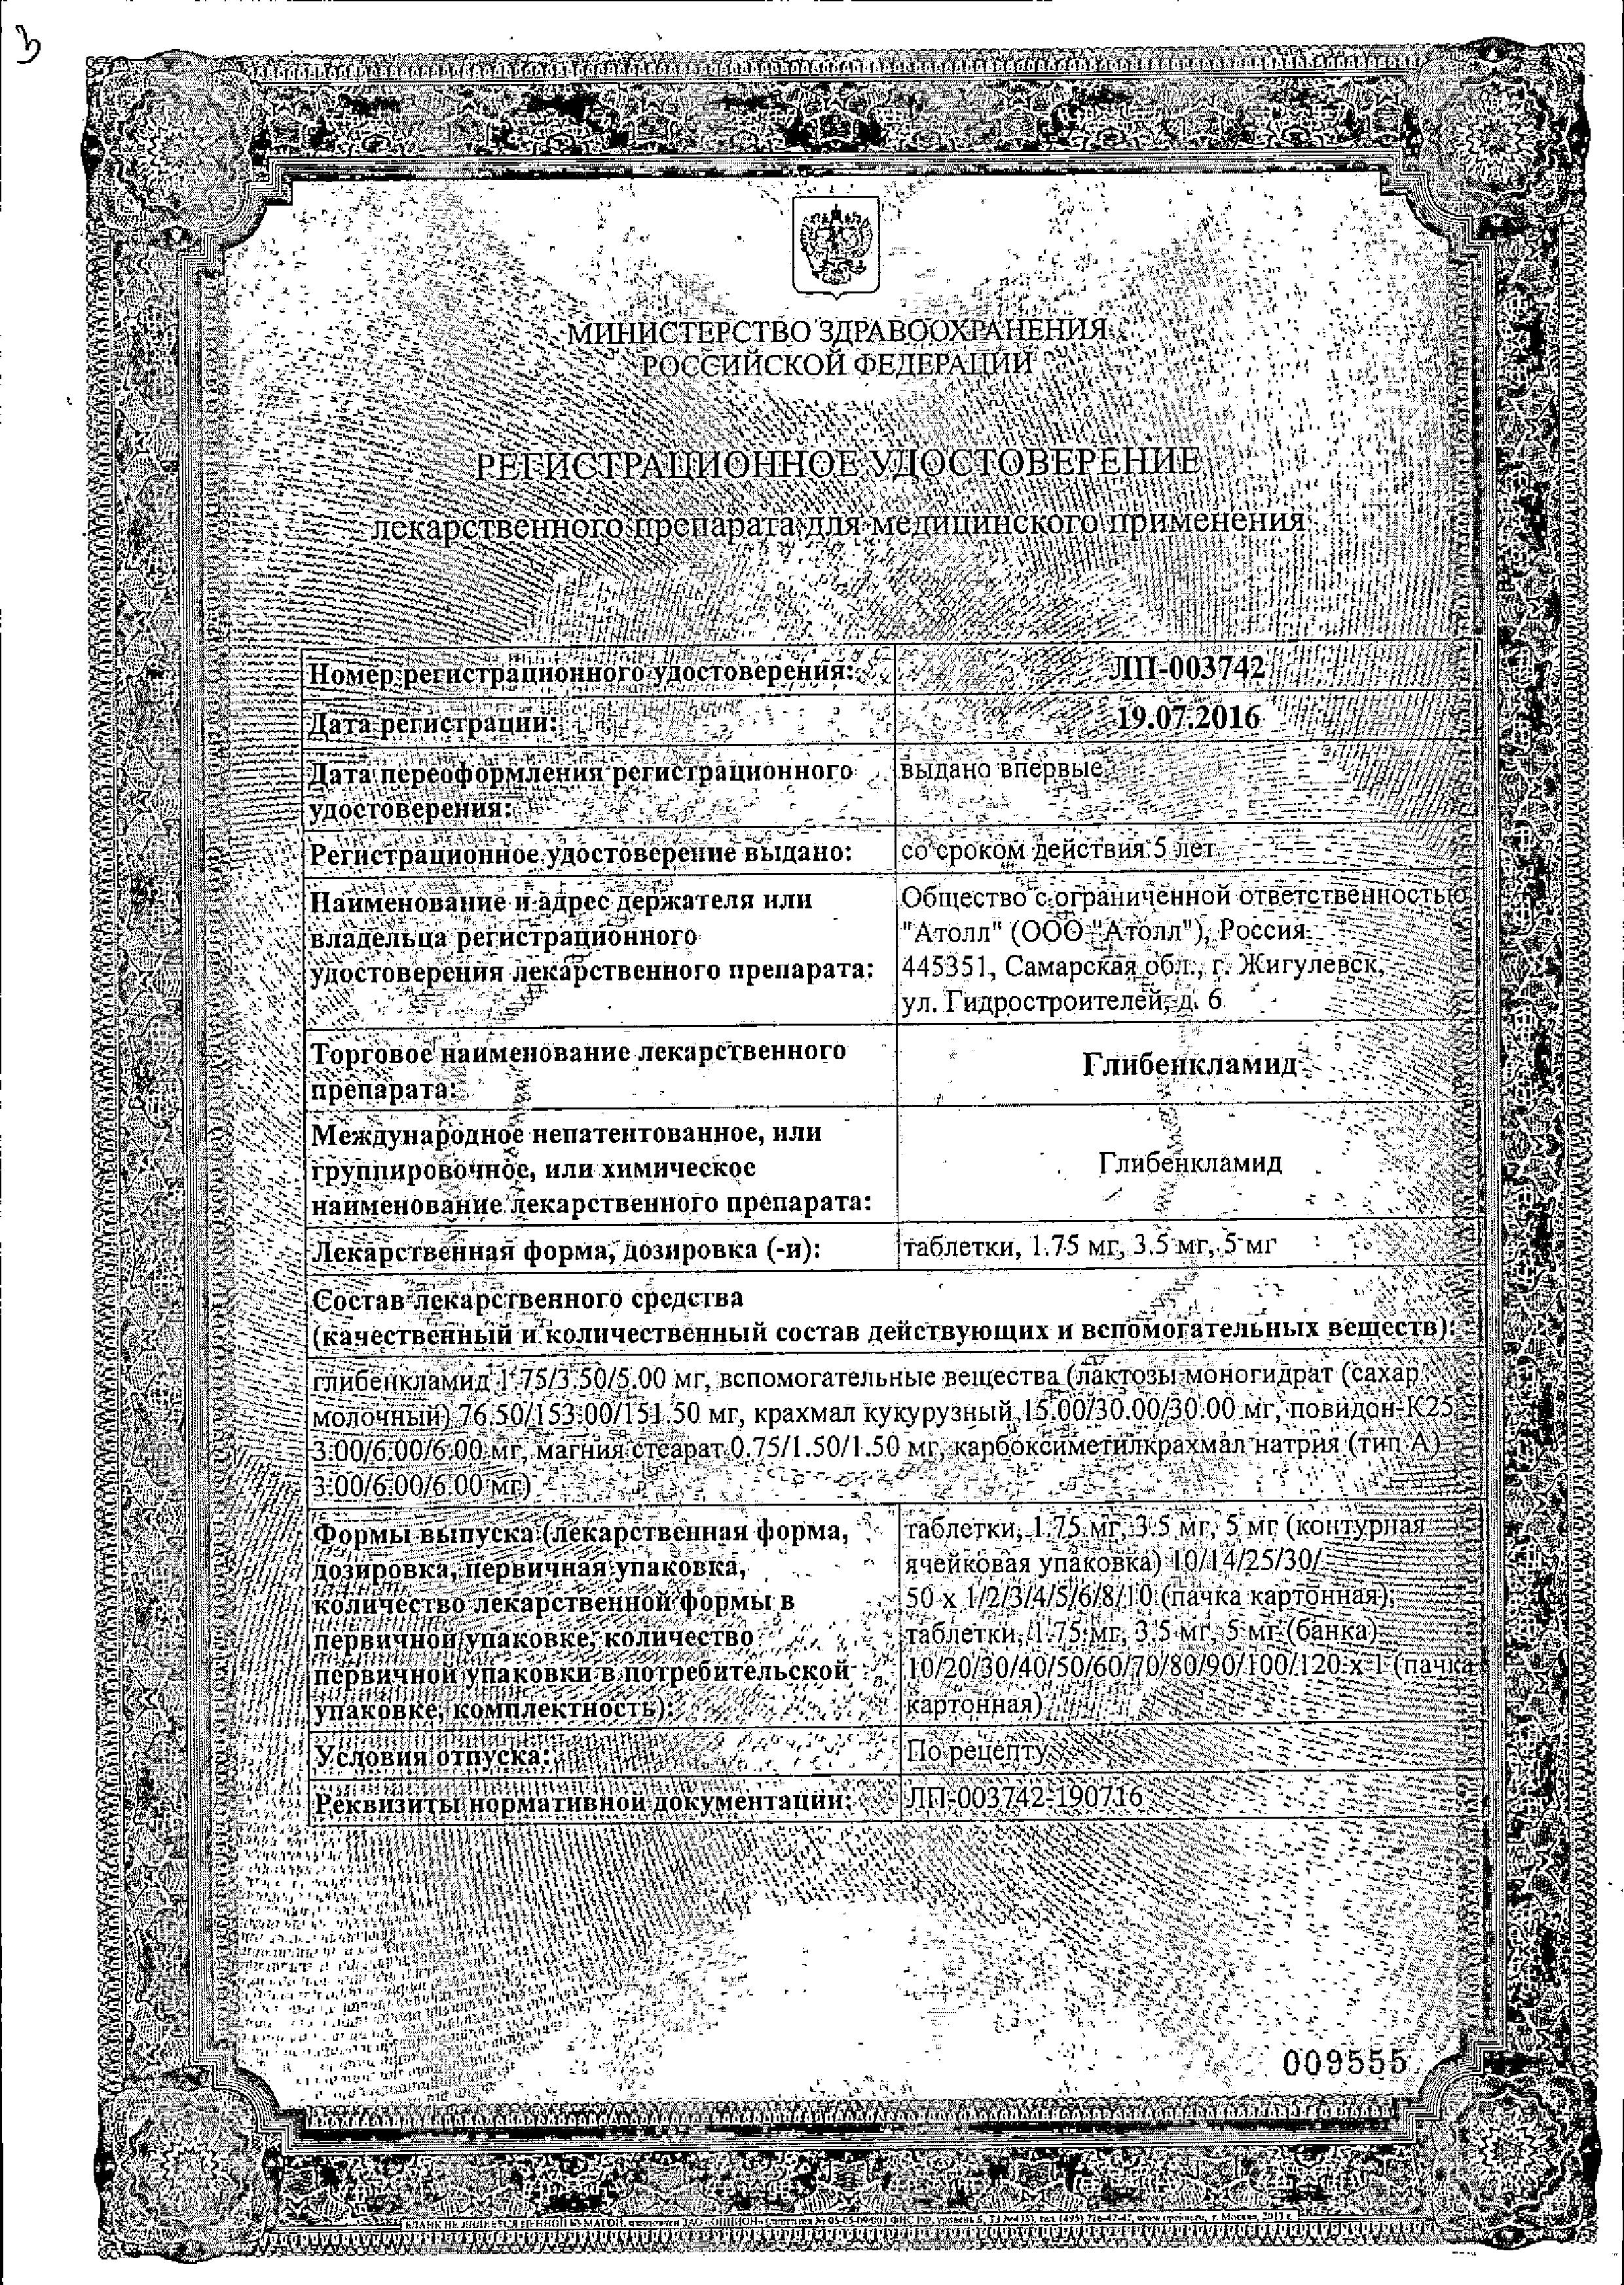 Глибенкламид сертификат